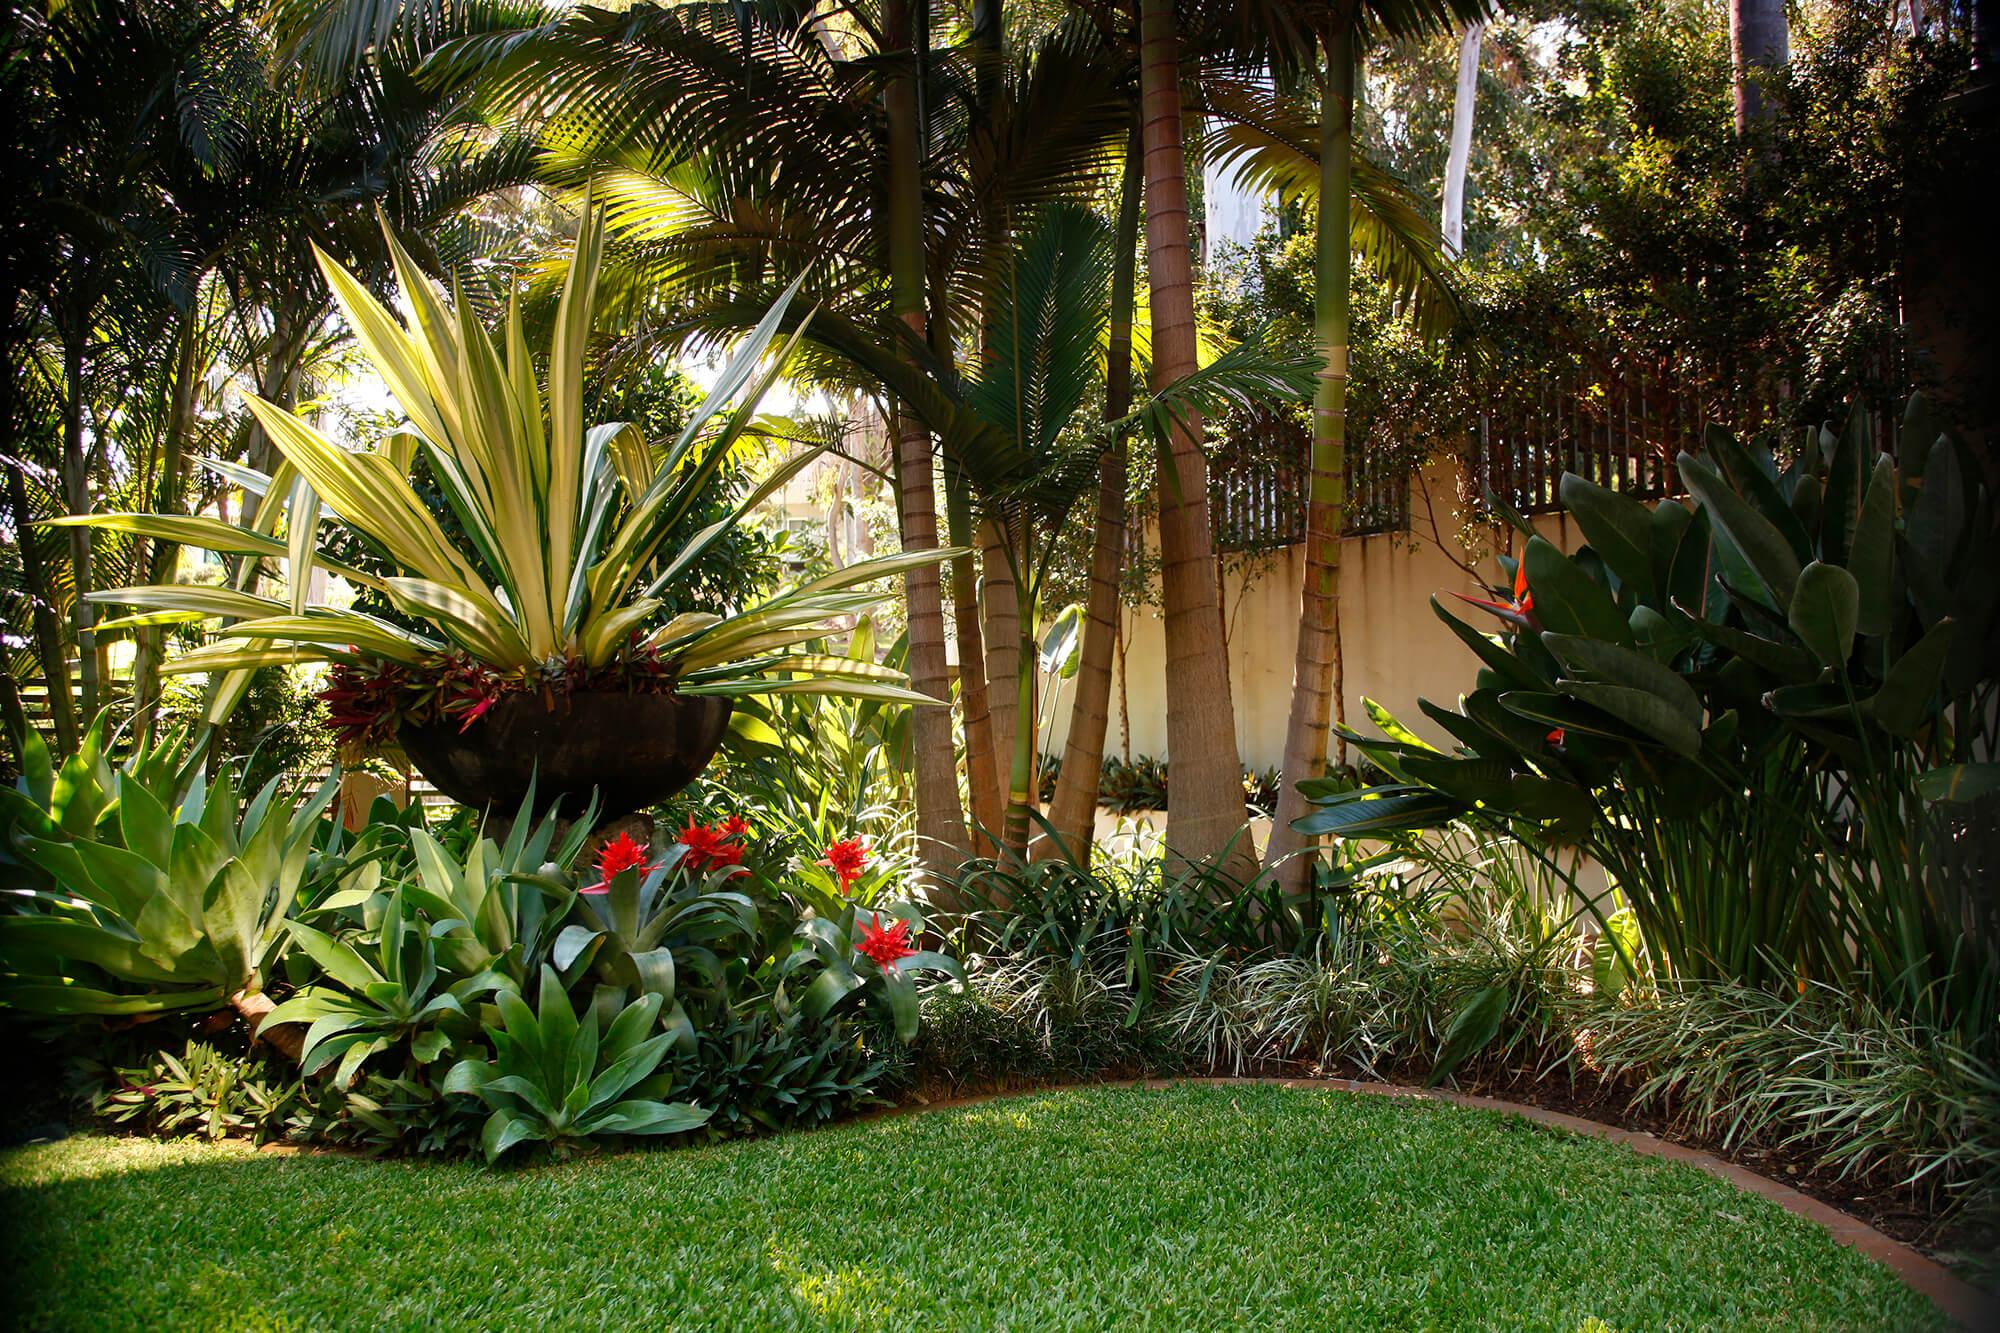 Free photo: Tropical Garden - row, shade, shrubs - Non-Commercial ...